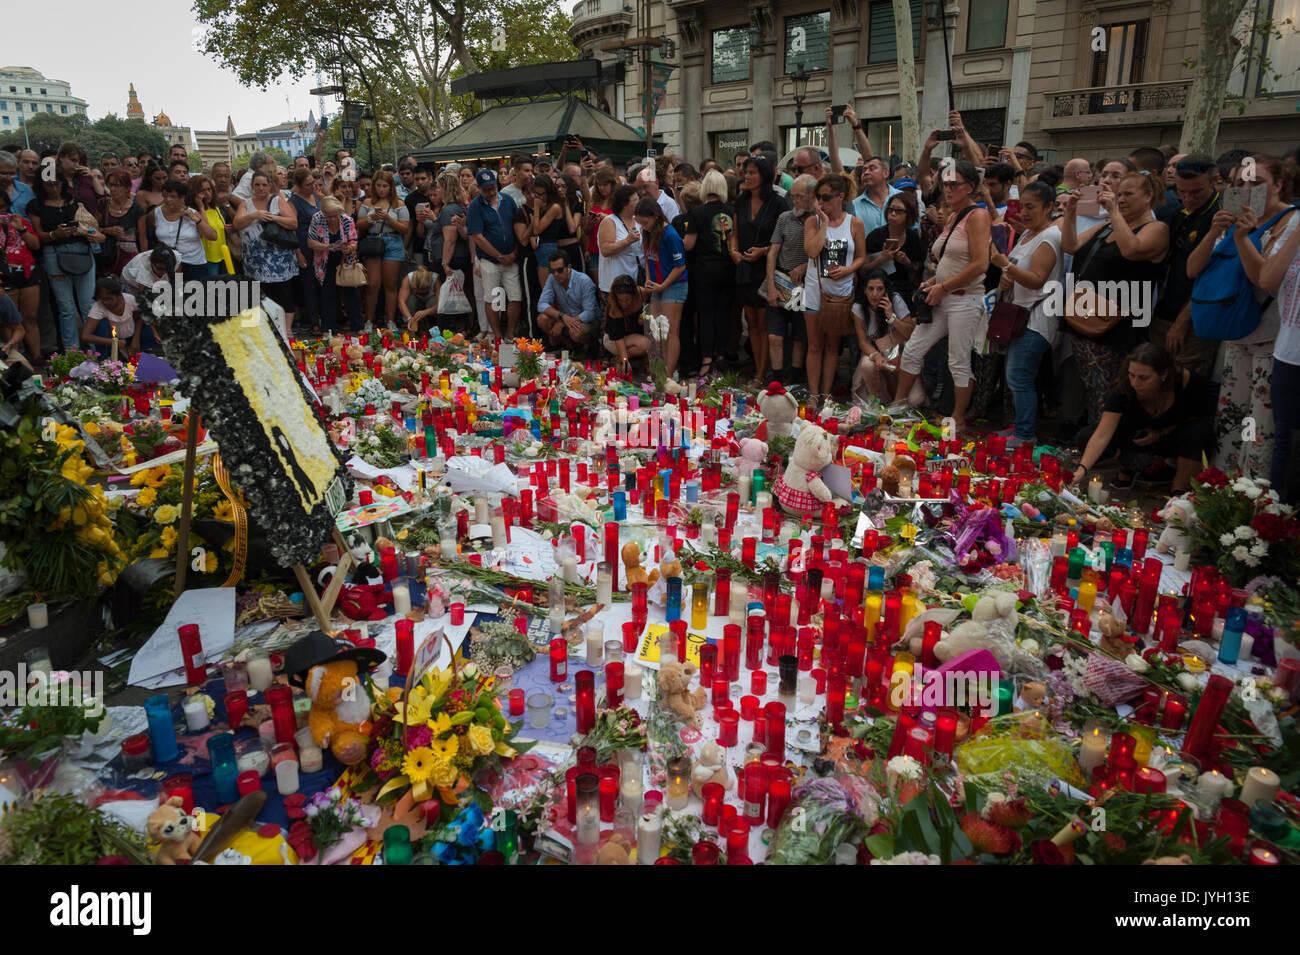 Barcelona, Katalonien, Spanien. 19 Aug, 2017. Tribute zum Opfer von Barcelona angreifen. Credit: Charlie Perez/Alamy Stockfoto